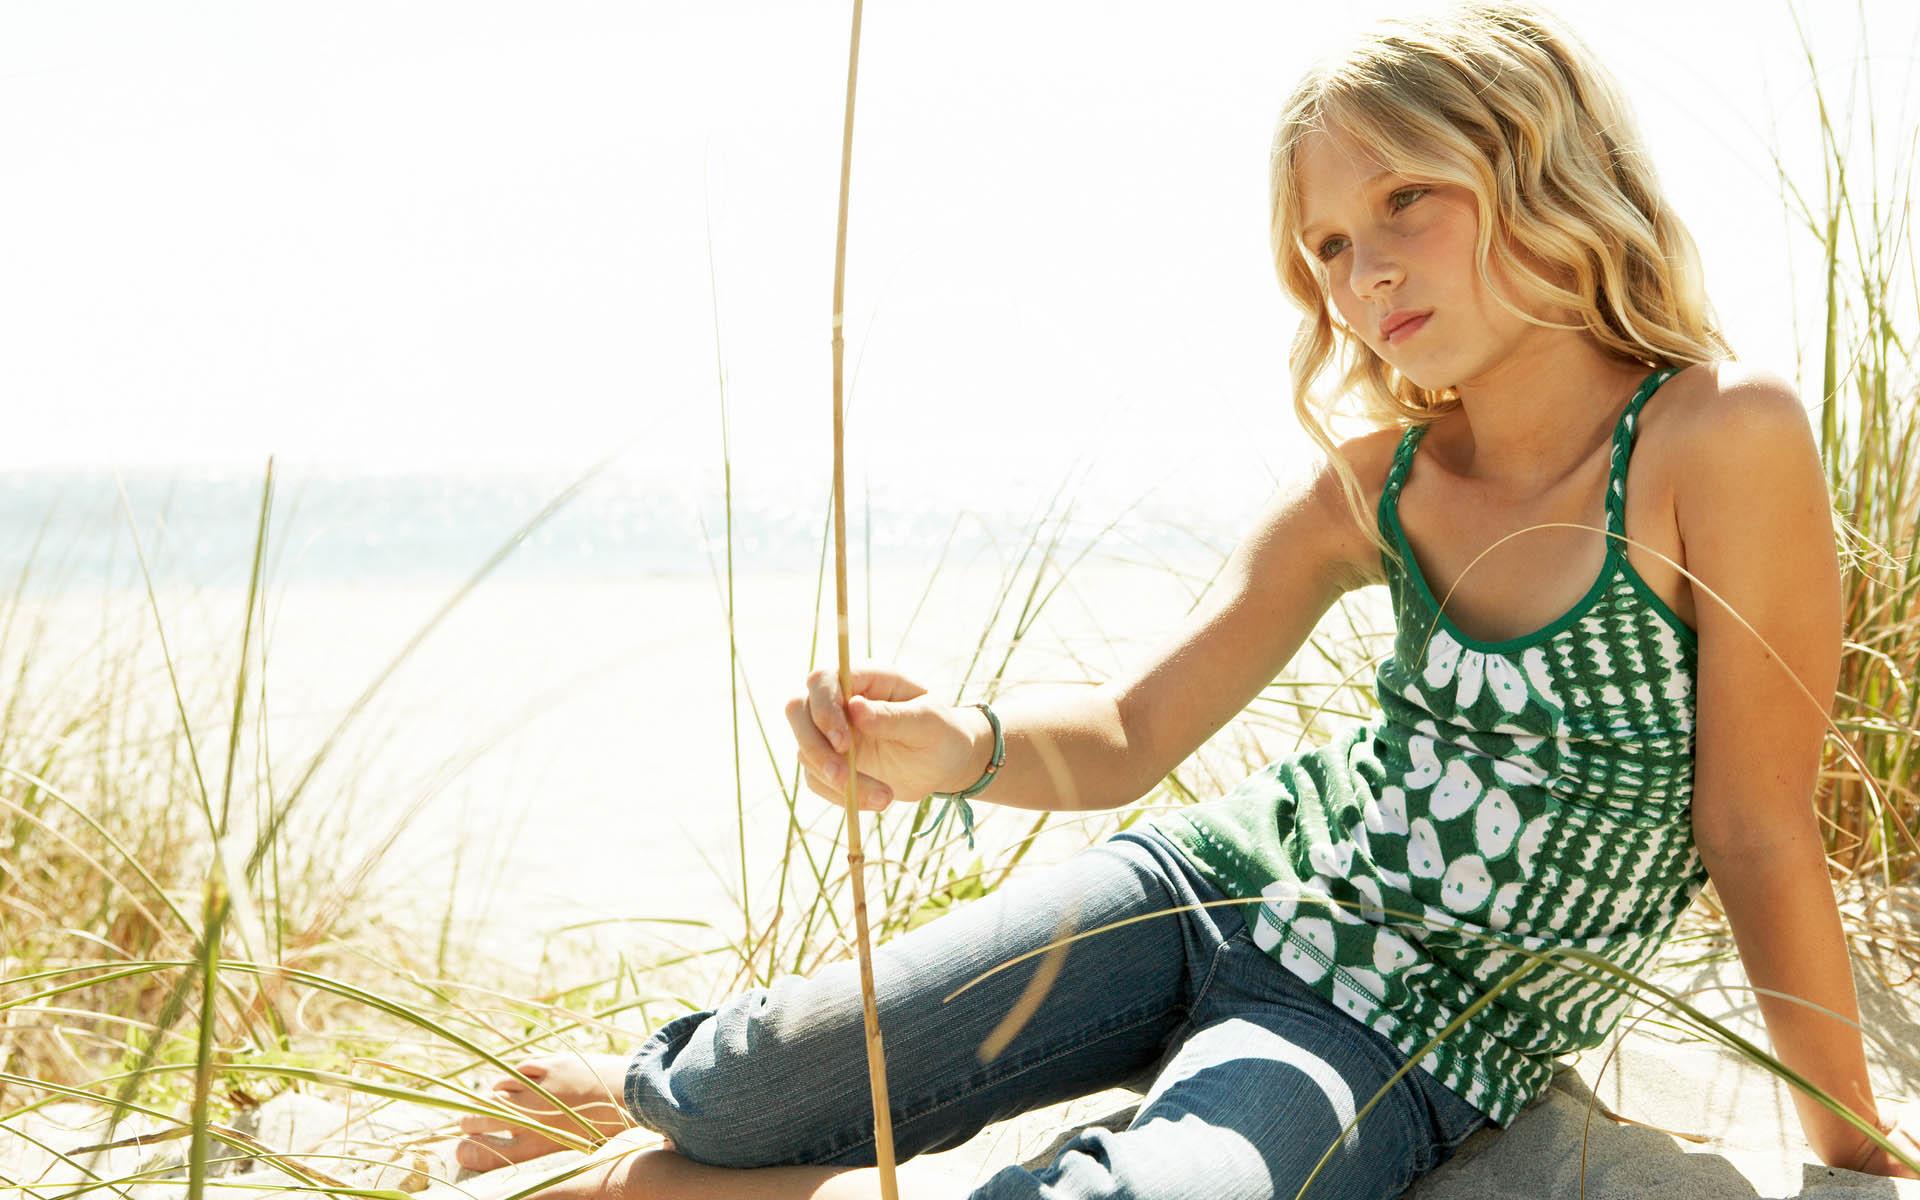 Играющаяся девочка на песке.